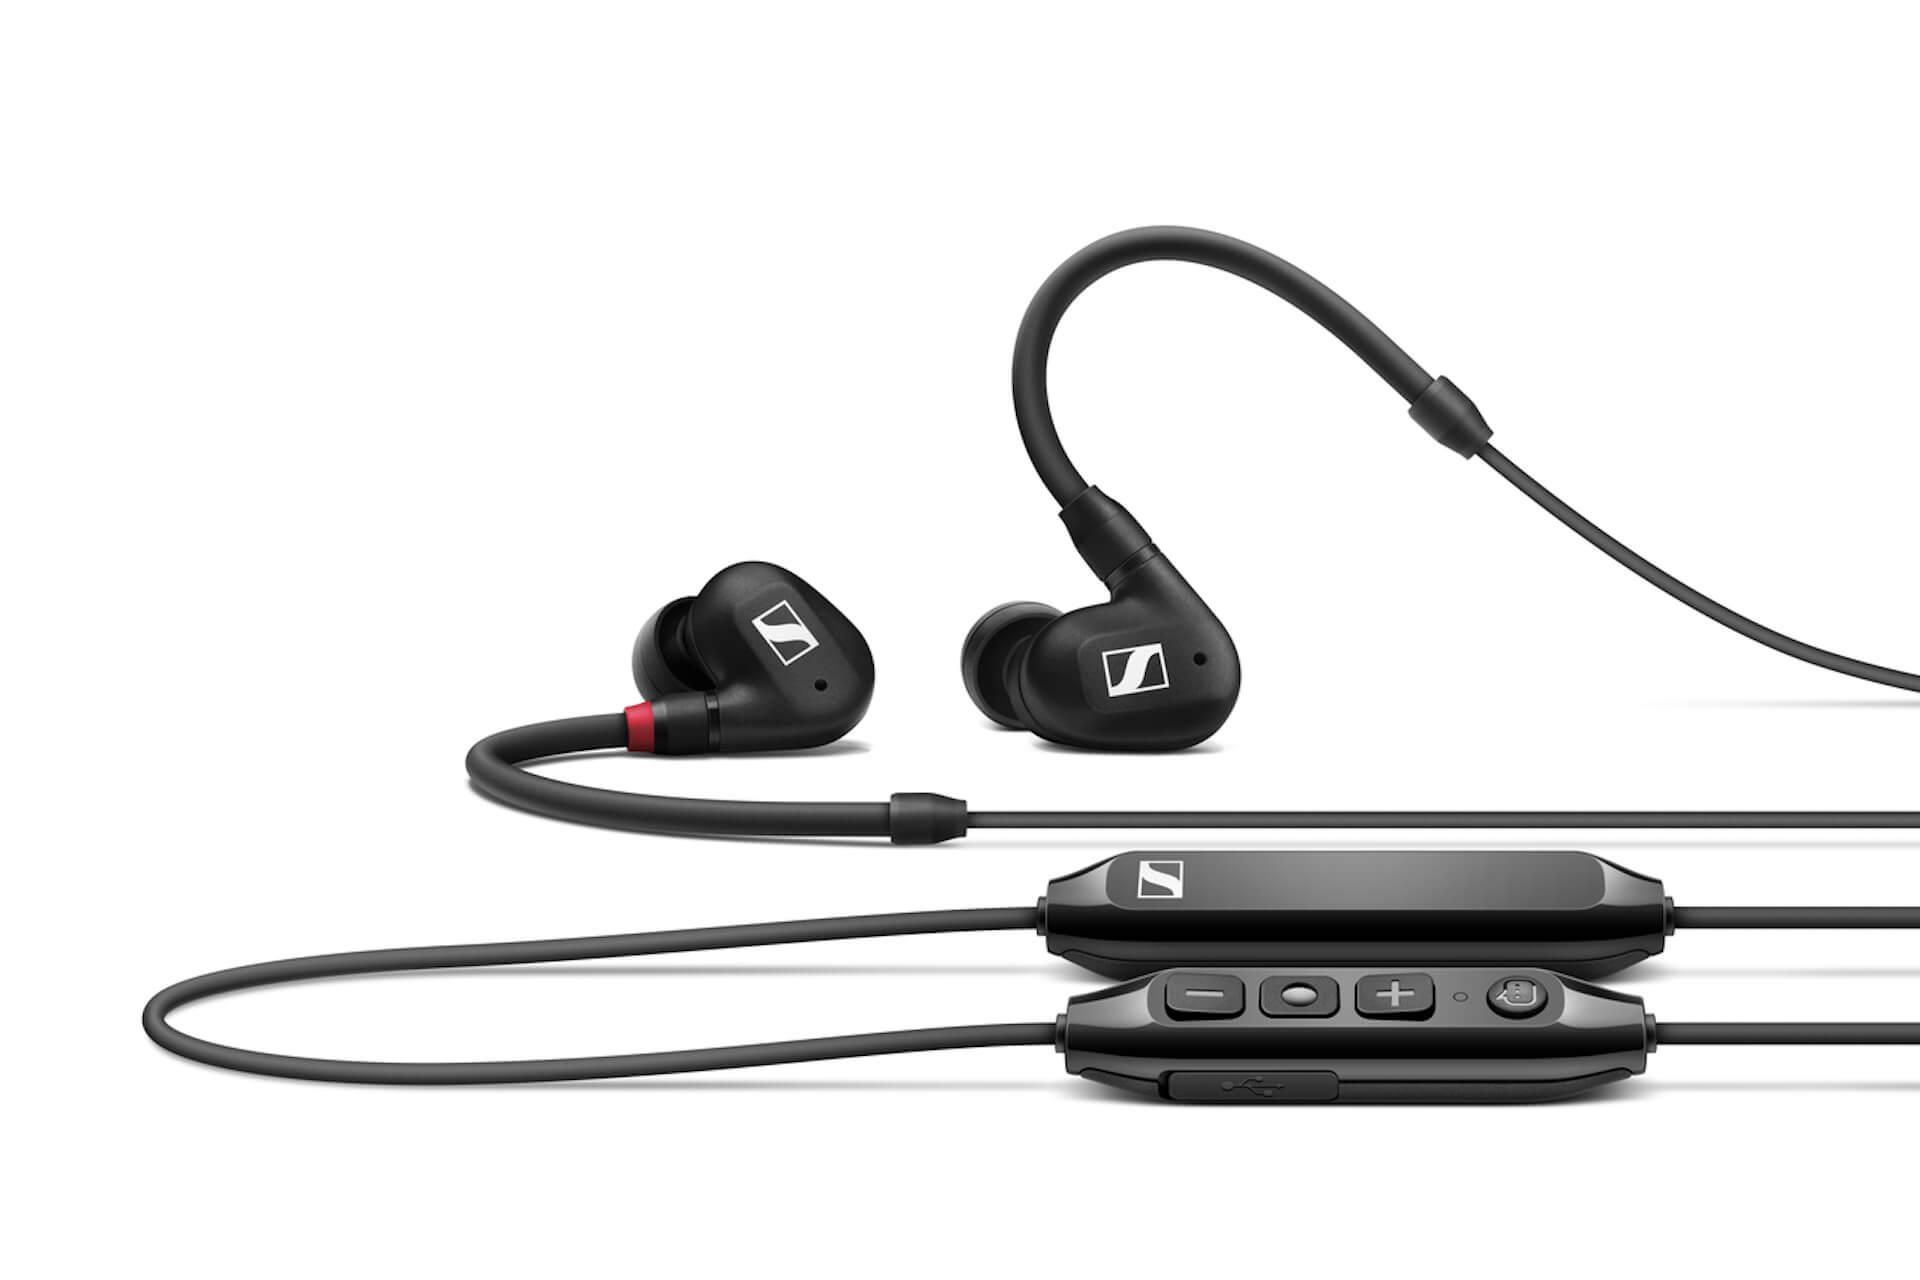 ゼンハイザーからワイヤレス&有線に対応するプロ仕様のモニタリングイヤホン『IE 100 PRO Wireless』が発売決定! tech210930_sennheiser_12